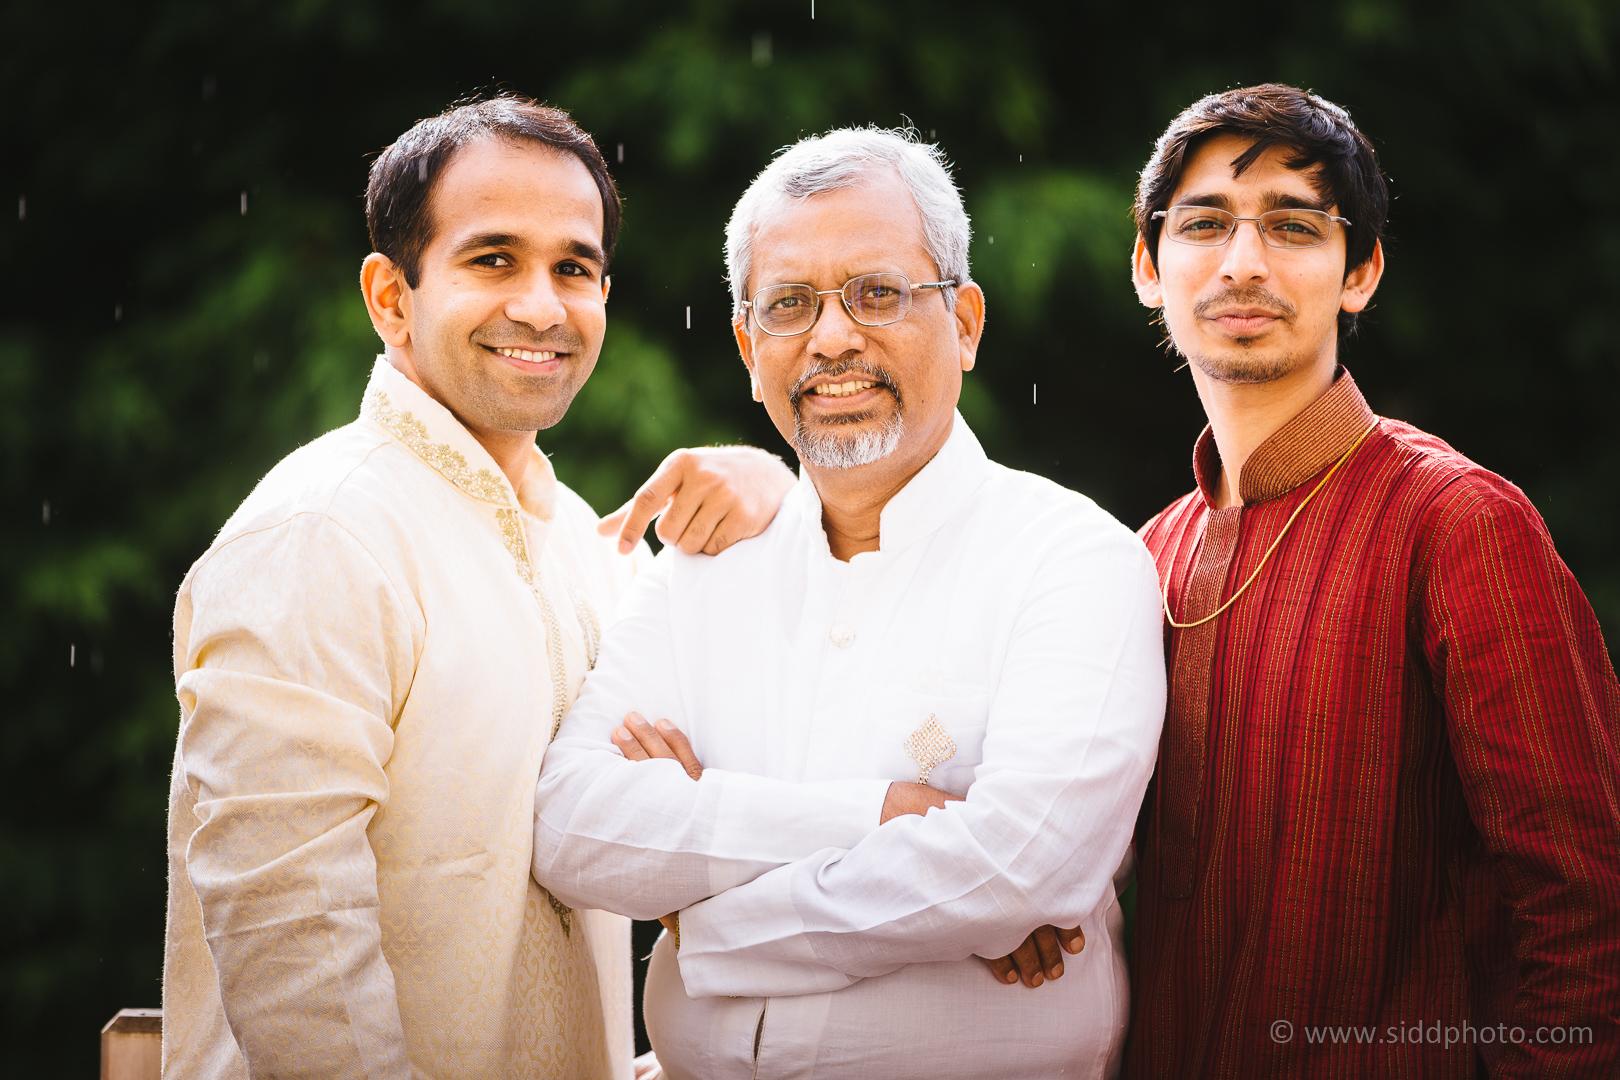 2014-10-24 - 2014-10-25 - Mugdha Aniruddha Family - _O5C7646